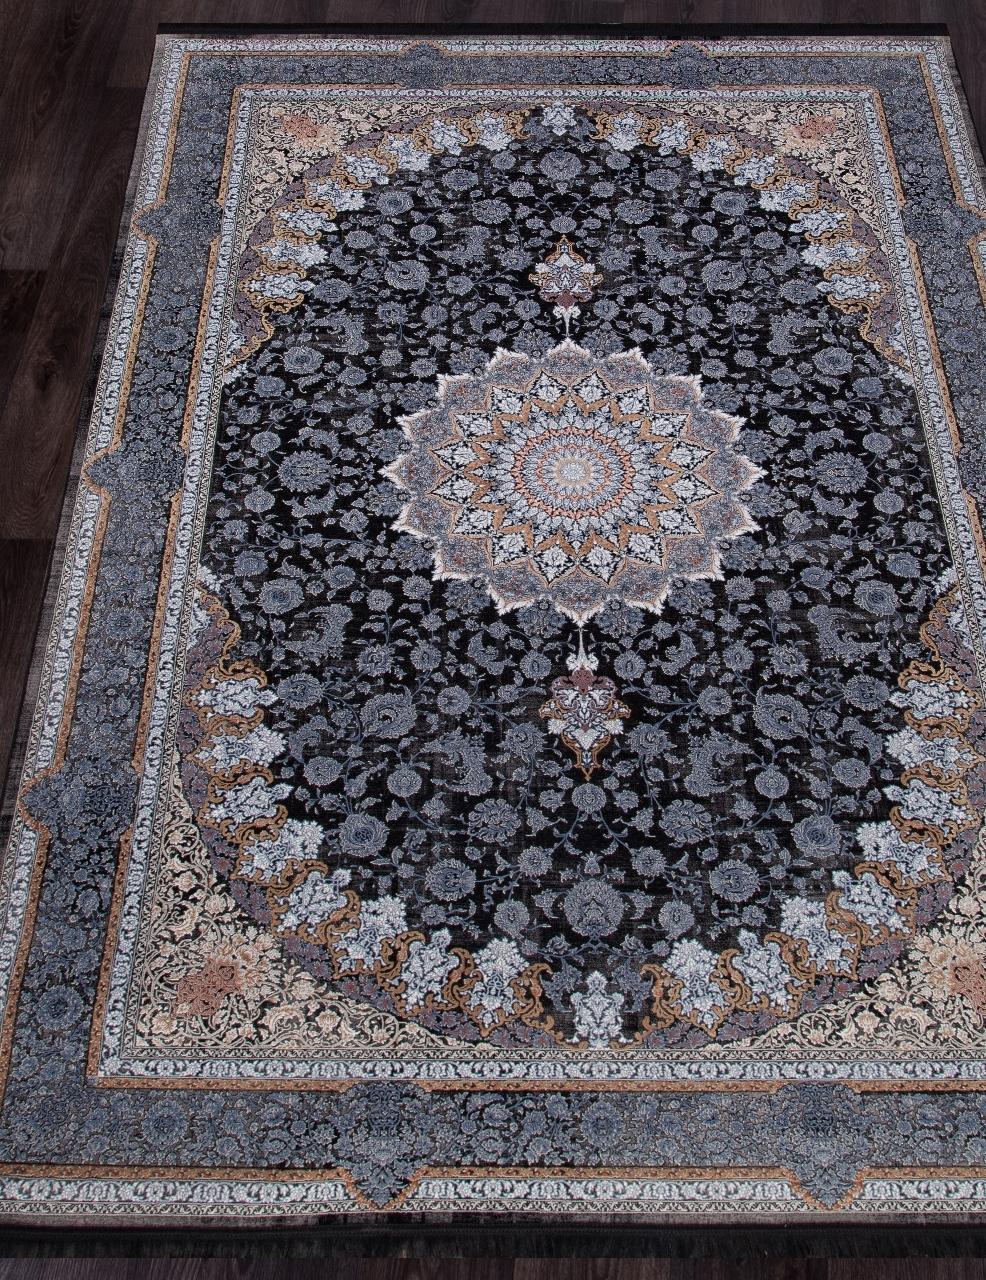 Ковер 9011 - 000 - Прямоугольник - коллекция MUSKAT 1200 - фото 1